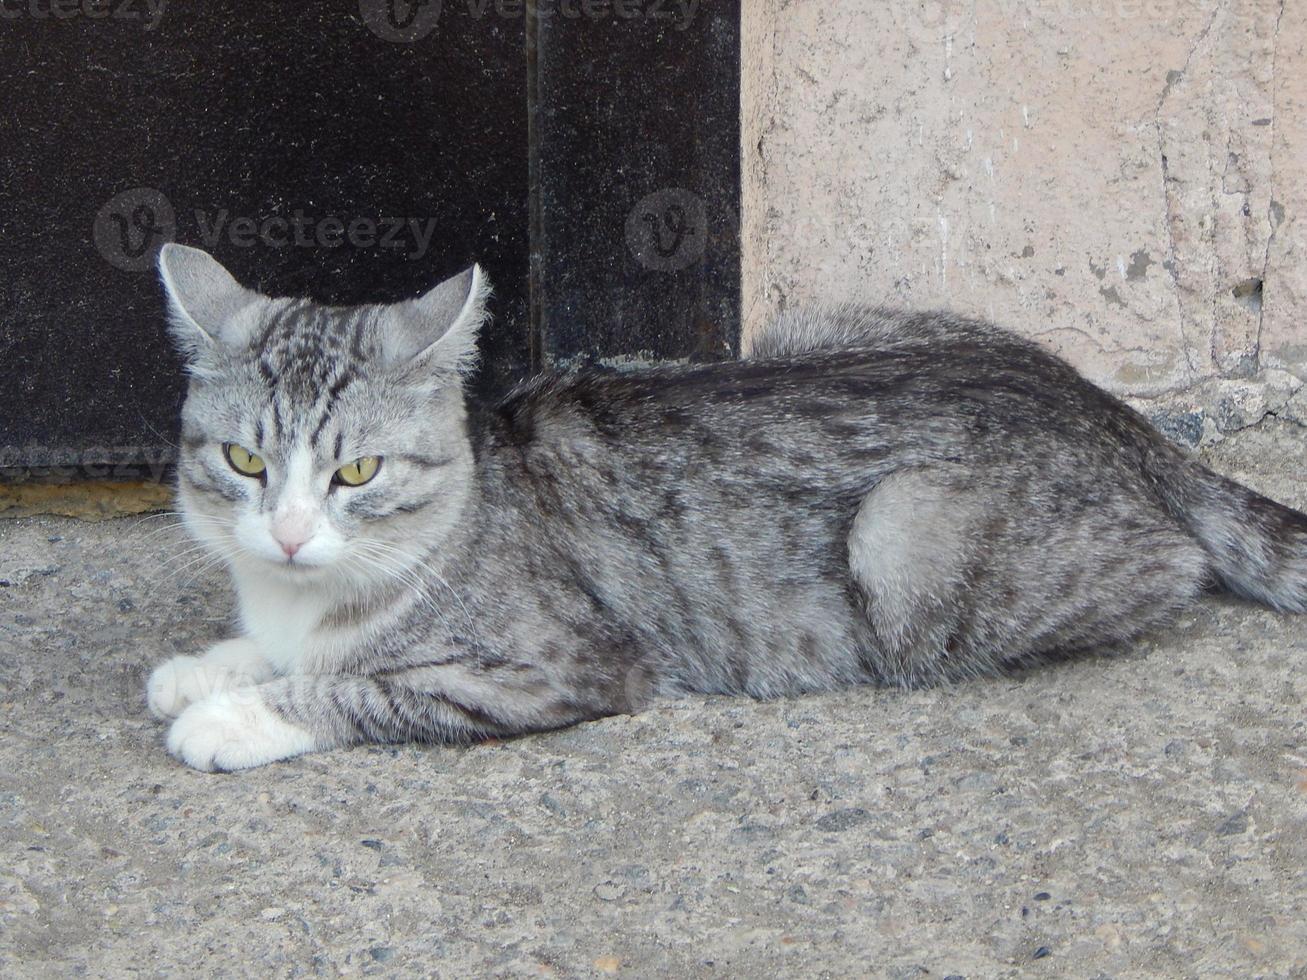 katt är arg på fotografen foto